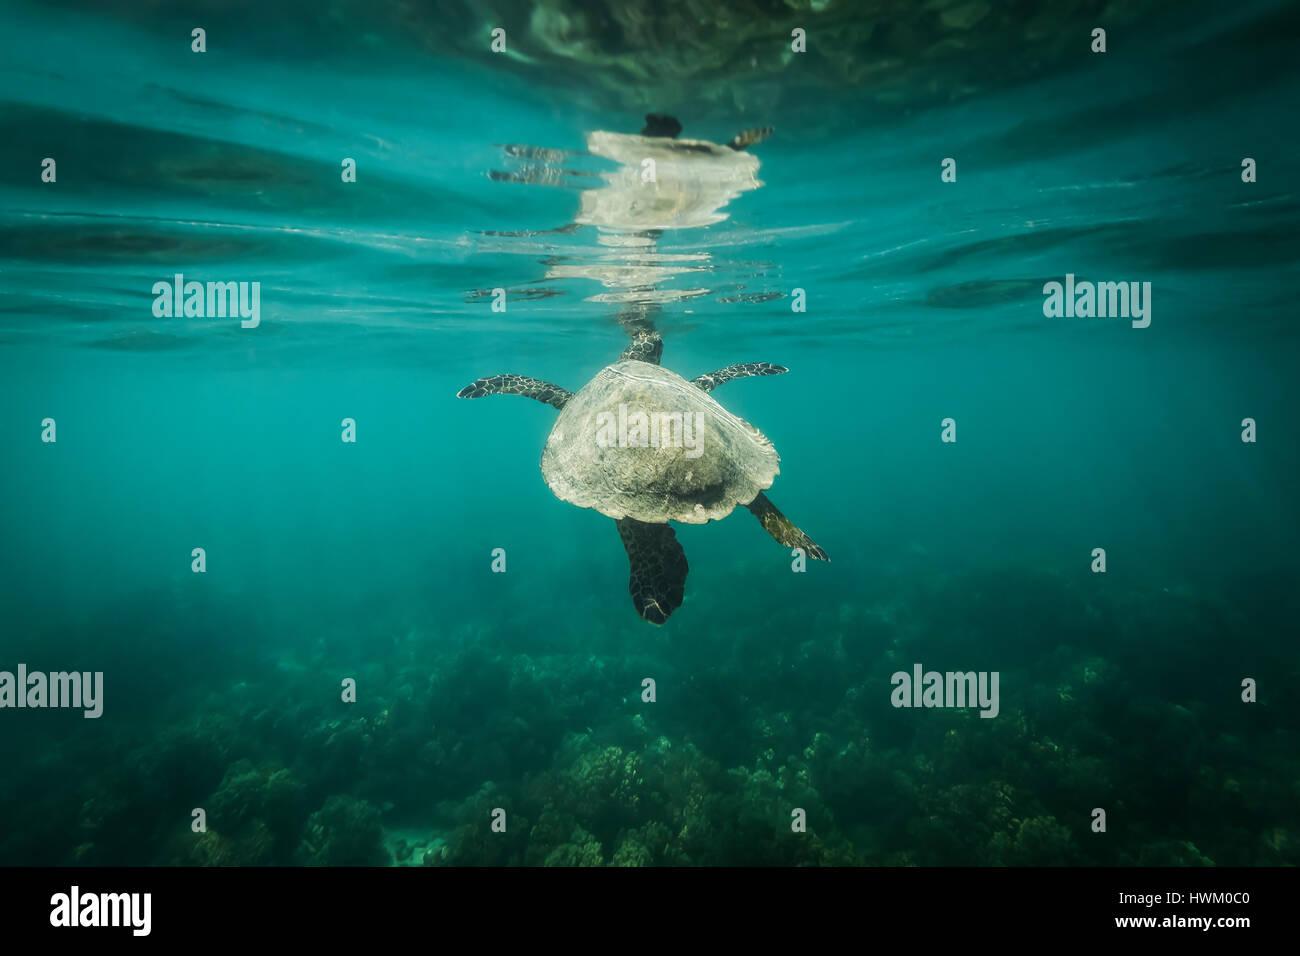 La tortue imbriquée (Eretmochelys imbricata) Banque D'Images